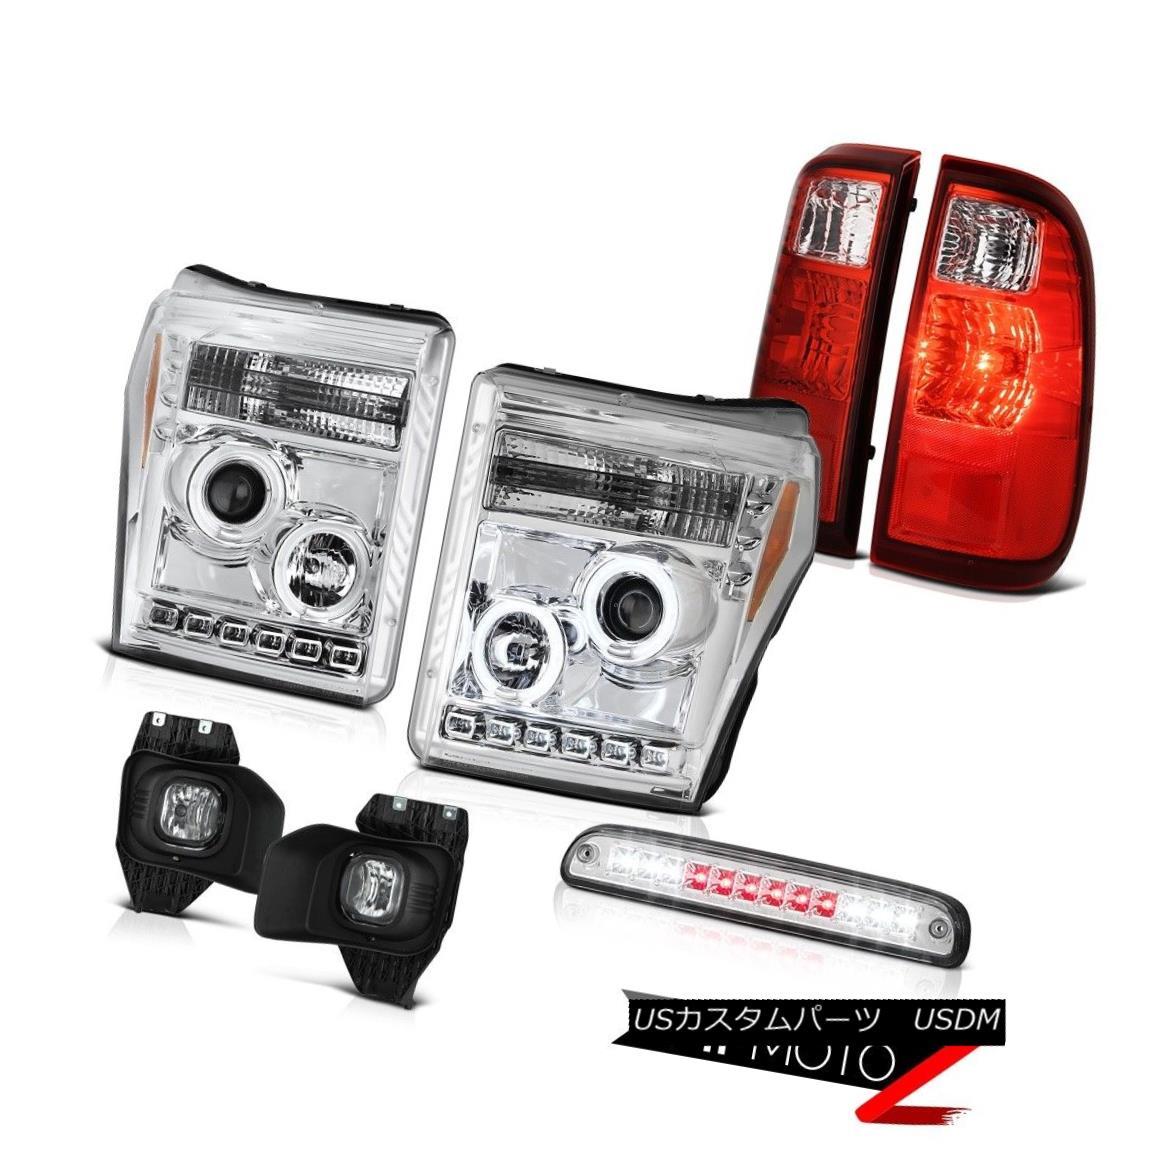 ヘッドライト 11-16 F250 Xl Chrome 3RD Brake Light Fog Lamps Rosso Red Tail Headlights Cool 11-16 F250 Xlクローム3RDブレーキライトフォグランプロッソレッドテールヘッドライト